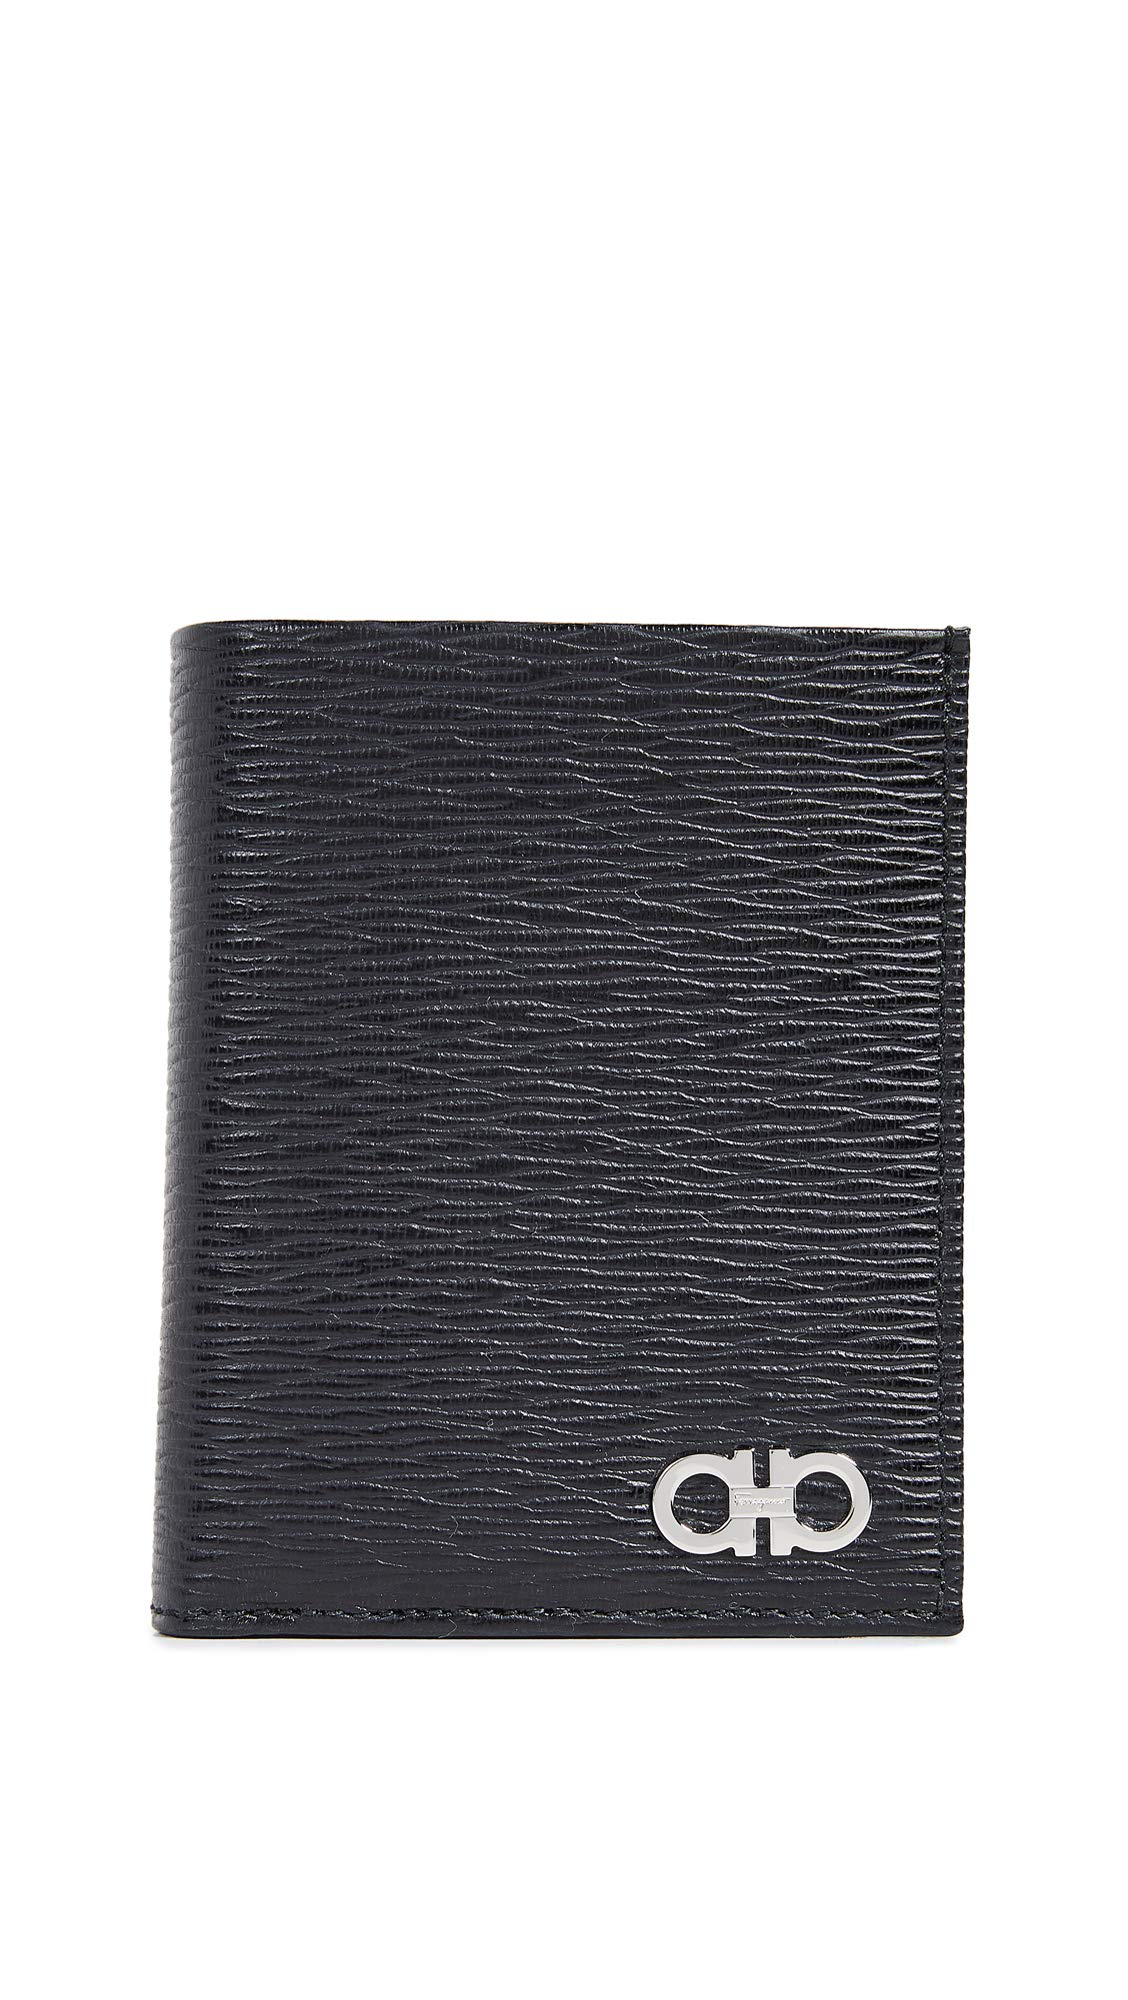 Salvatore Ferragamo Men's International Bifold Wallet, Black/Red, One Size